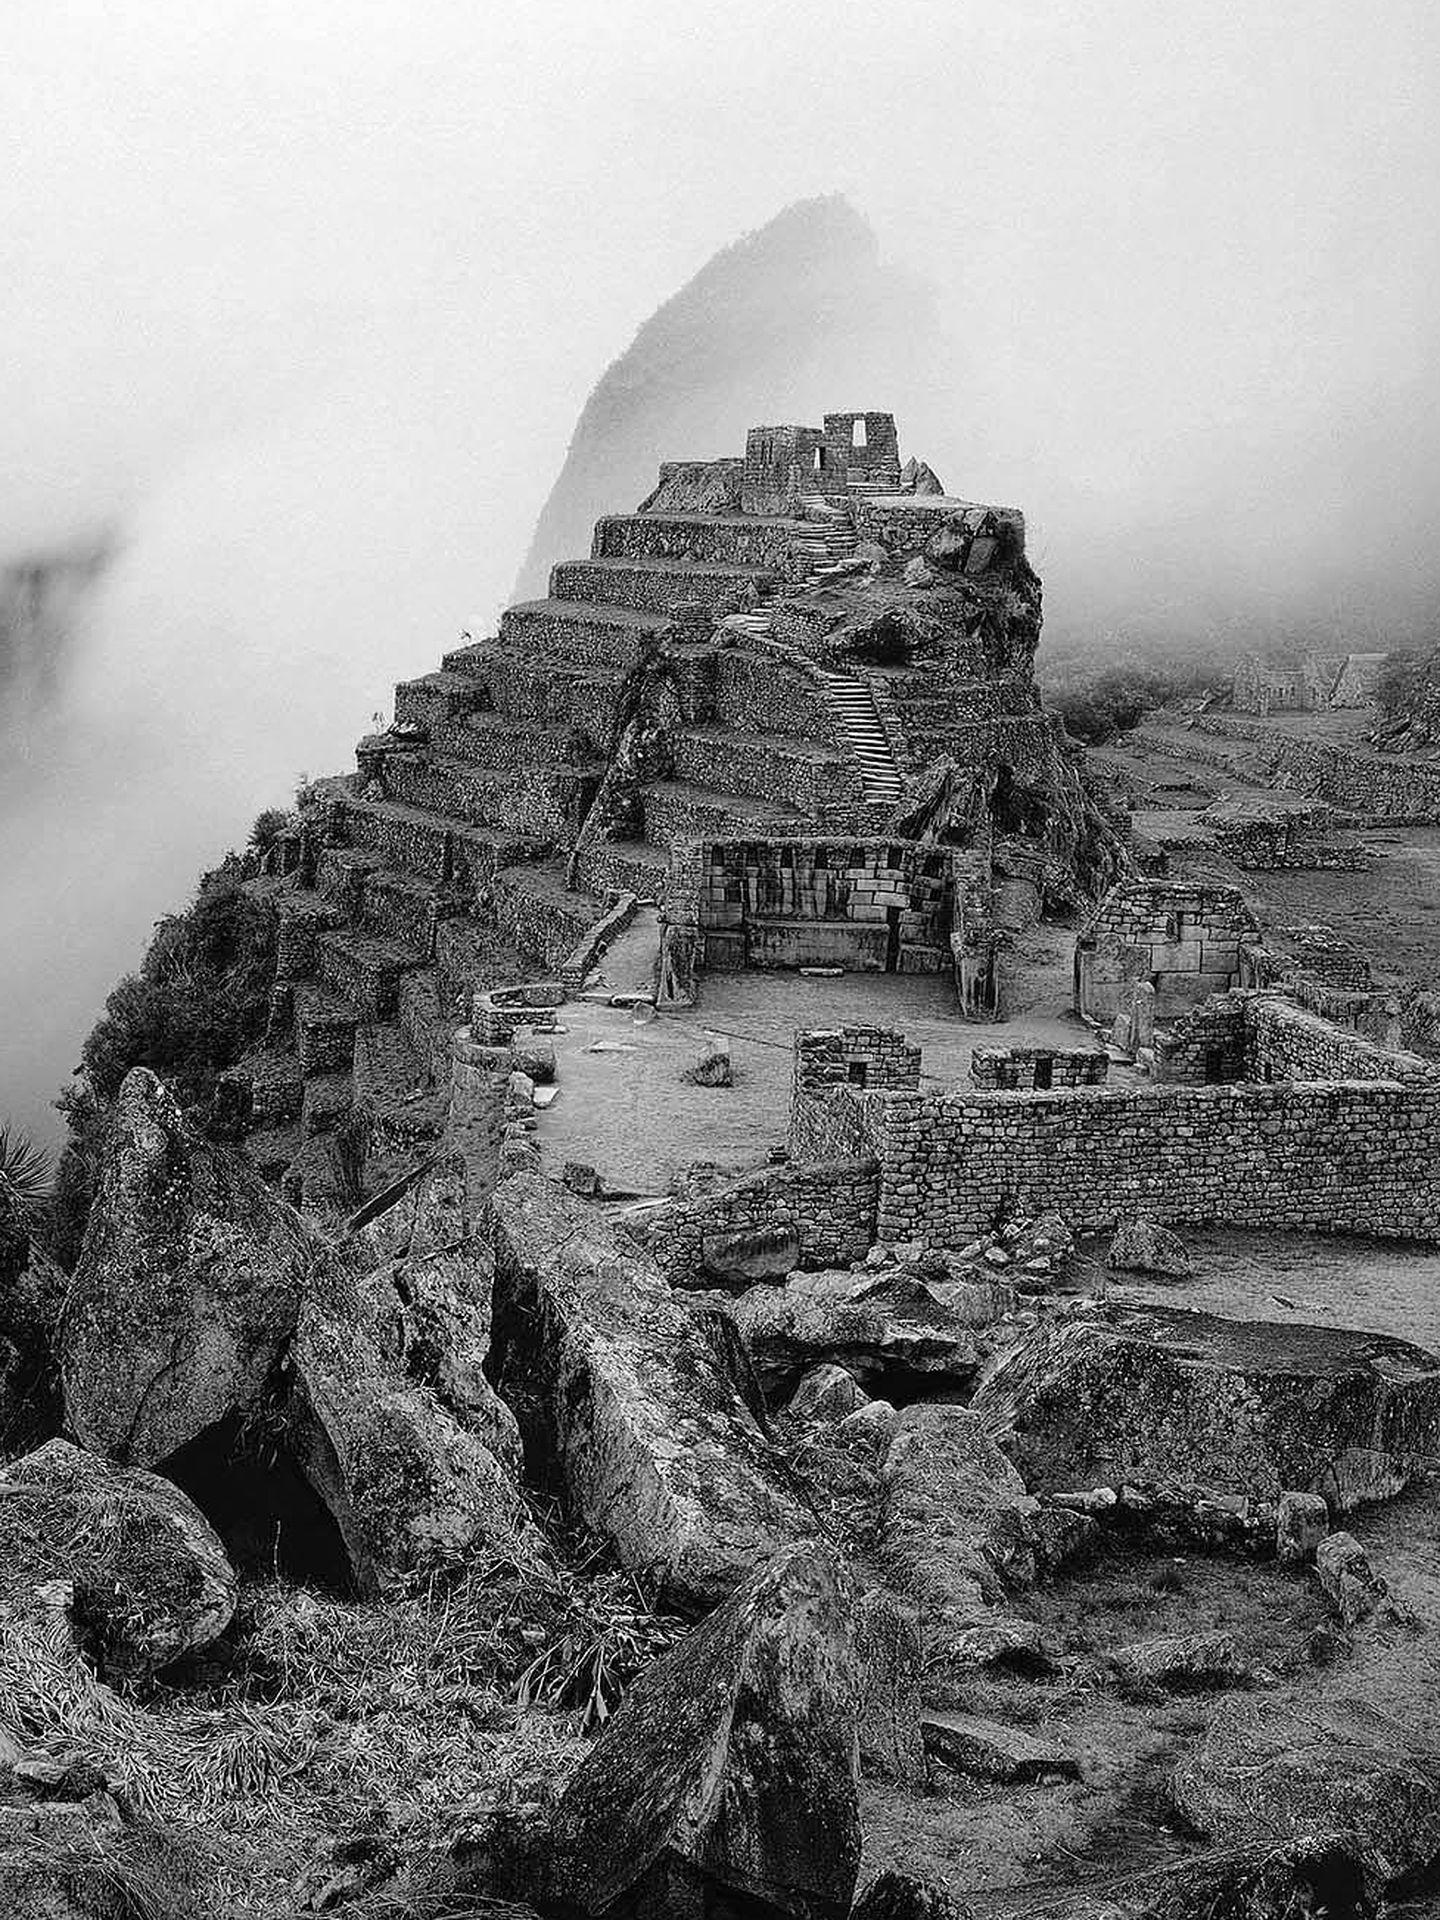 (((ACOMPAÑA CRÓNICA PERÚ-MACHU PICCHU ))) LIM04. LIMA (PERÚ), 26/06/2011.- Fotografía de Linda Connor (New York, 1944), Machu Picchu Perú, 1984, cedida por el Instituto Cultural Peruano Norteamericano (ICPNA), que forma parte de la exposición fotográfica 'Visiones de Machu Picchu' que se presenta en el ICPNA en Lima hasta el 14 de agosto. Aunque el norteamericano Hiram Bingham se ha llevado la gloria mundial por haber 'descubierto' la ciudadela inca de Machu Picchu, todas las evidencias históricas apuntan a que este famoso sitio arqueológico nunca estuvo perdido. EFE/Instituto Cultural Peruano Norteamericano (ICPNA)/SOLO USO EDITORIAL